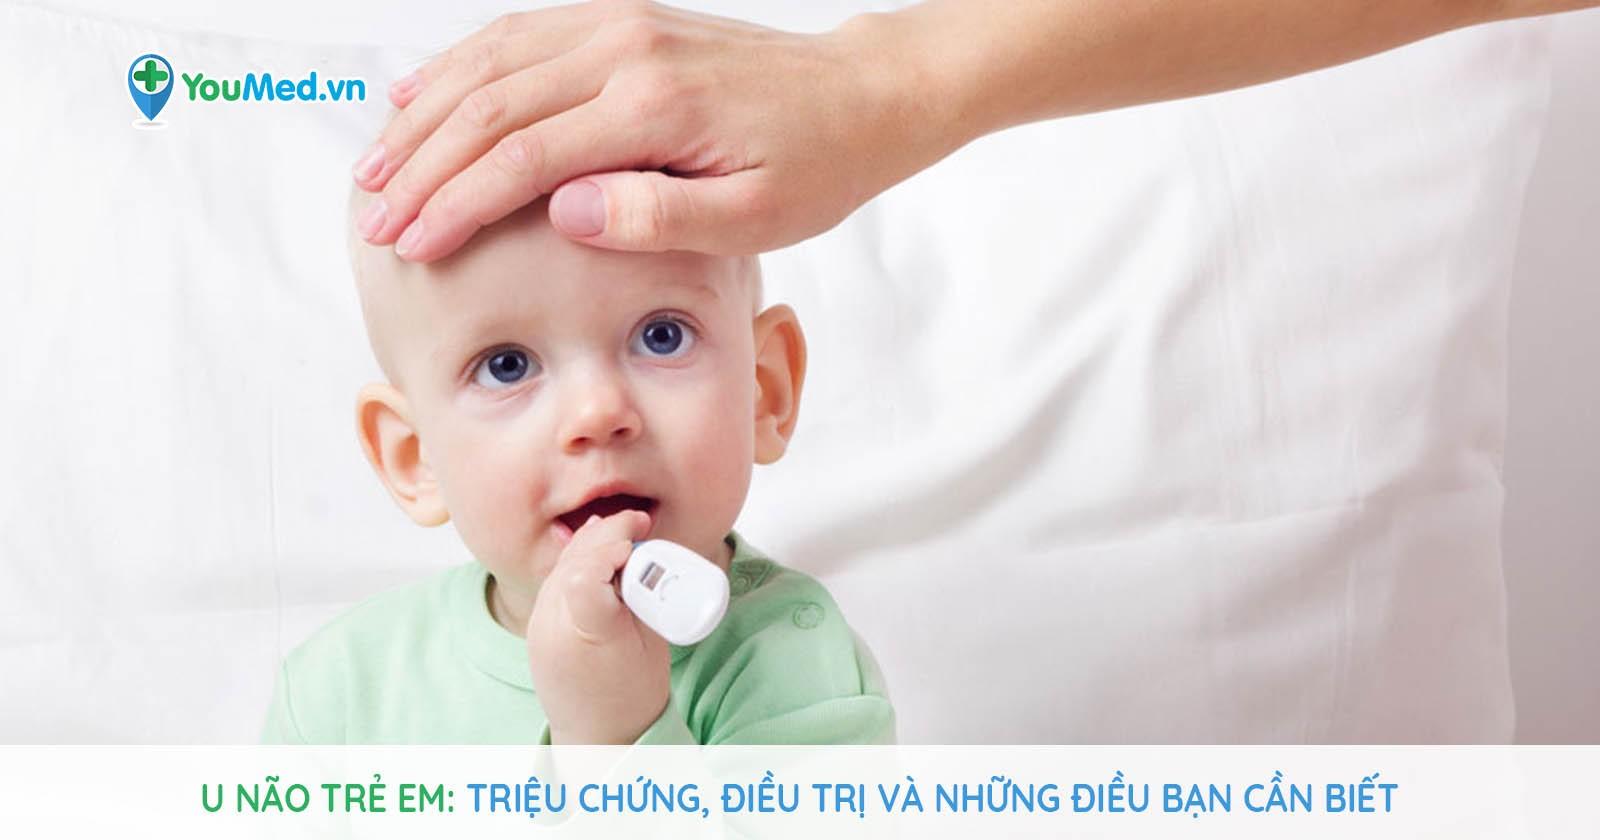 U não trẻ em: Triệu chứng, điều trị và những điều bạn cần biết